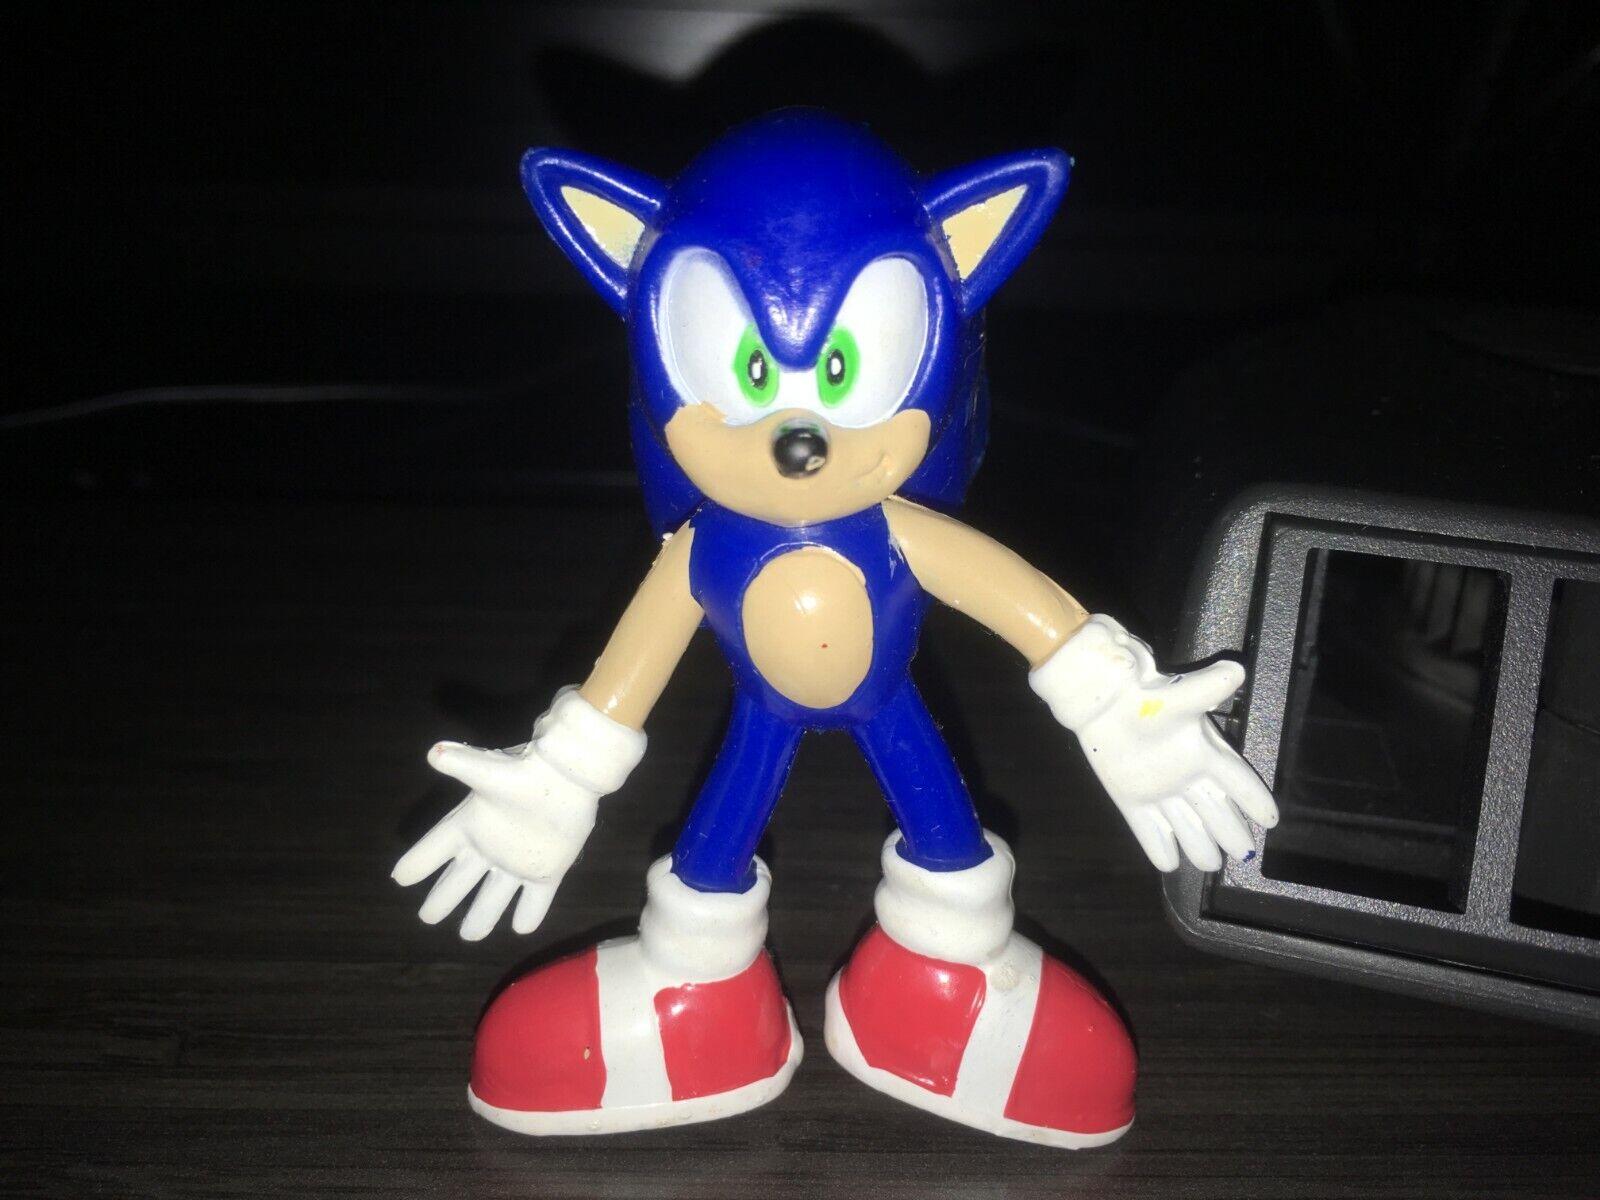 Rubber Bendable Sonic Adventure Sonic Sega 2000 Rare Figure